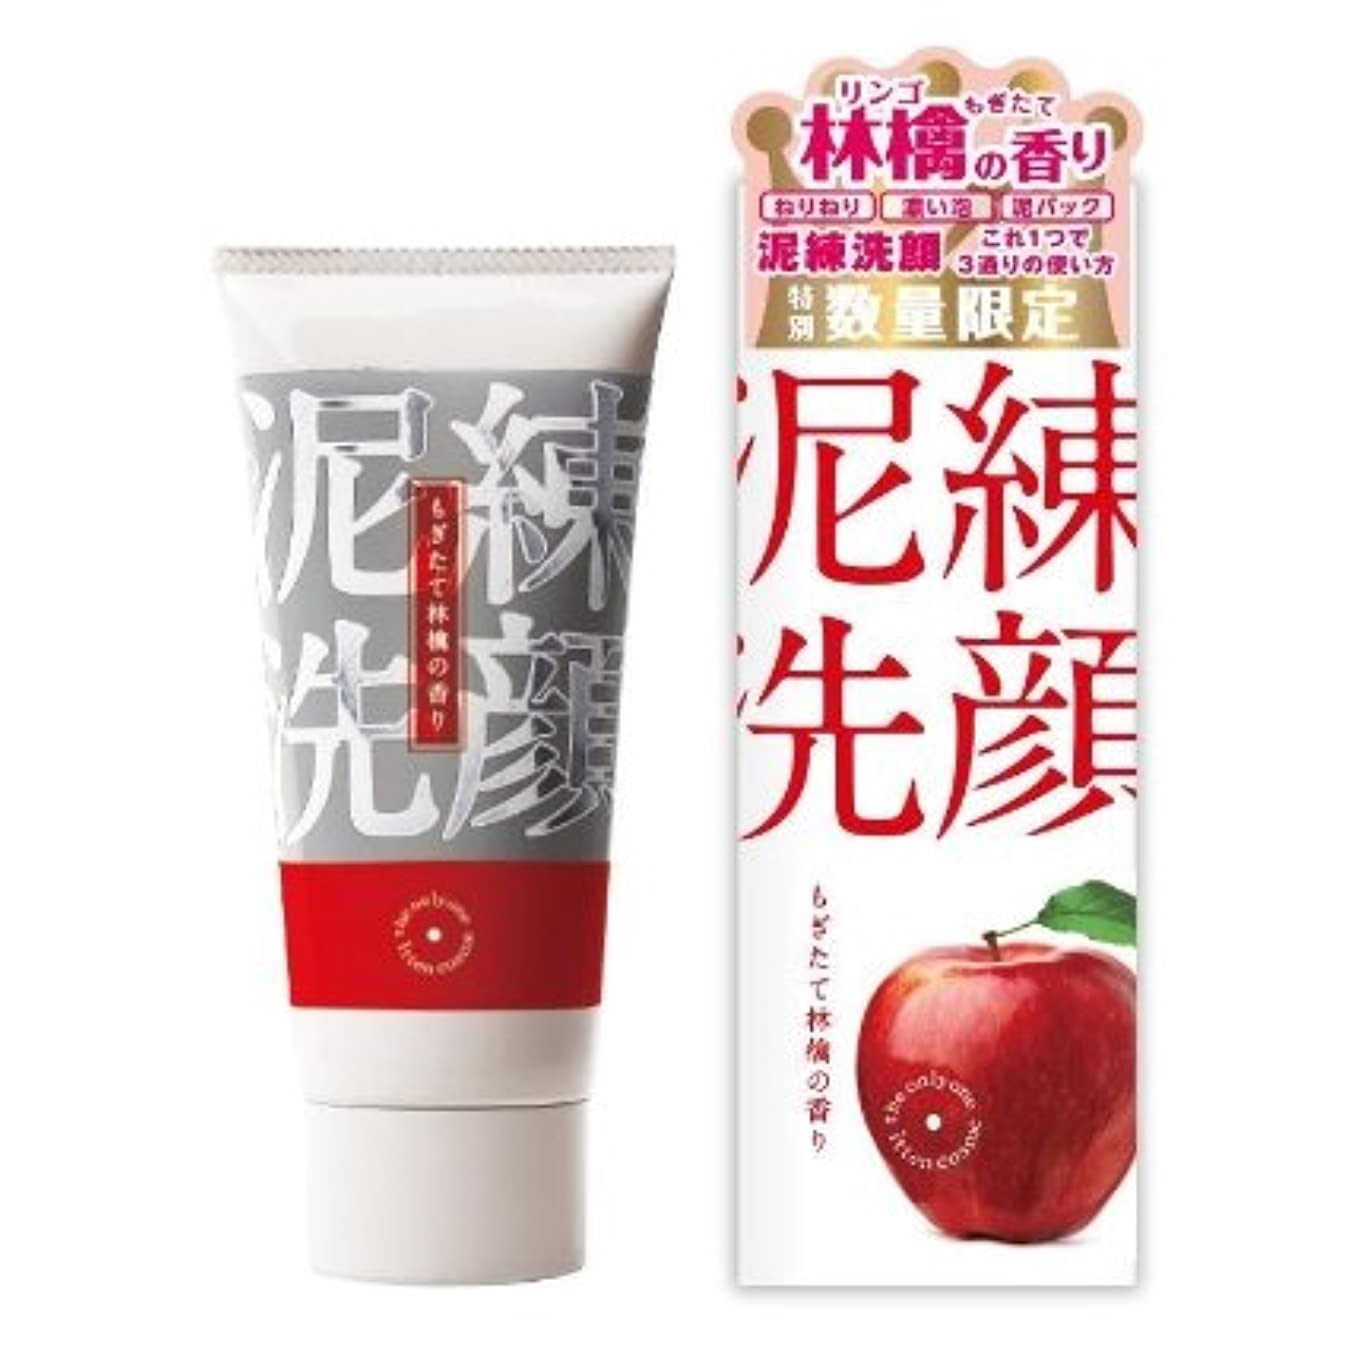 専ら私たち汗泥練洗顔 もぎたて林檎の香り 数量限定品 120g